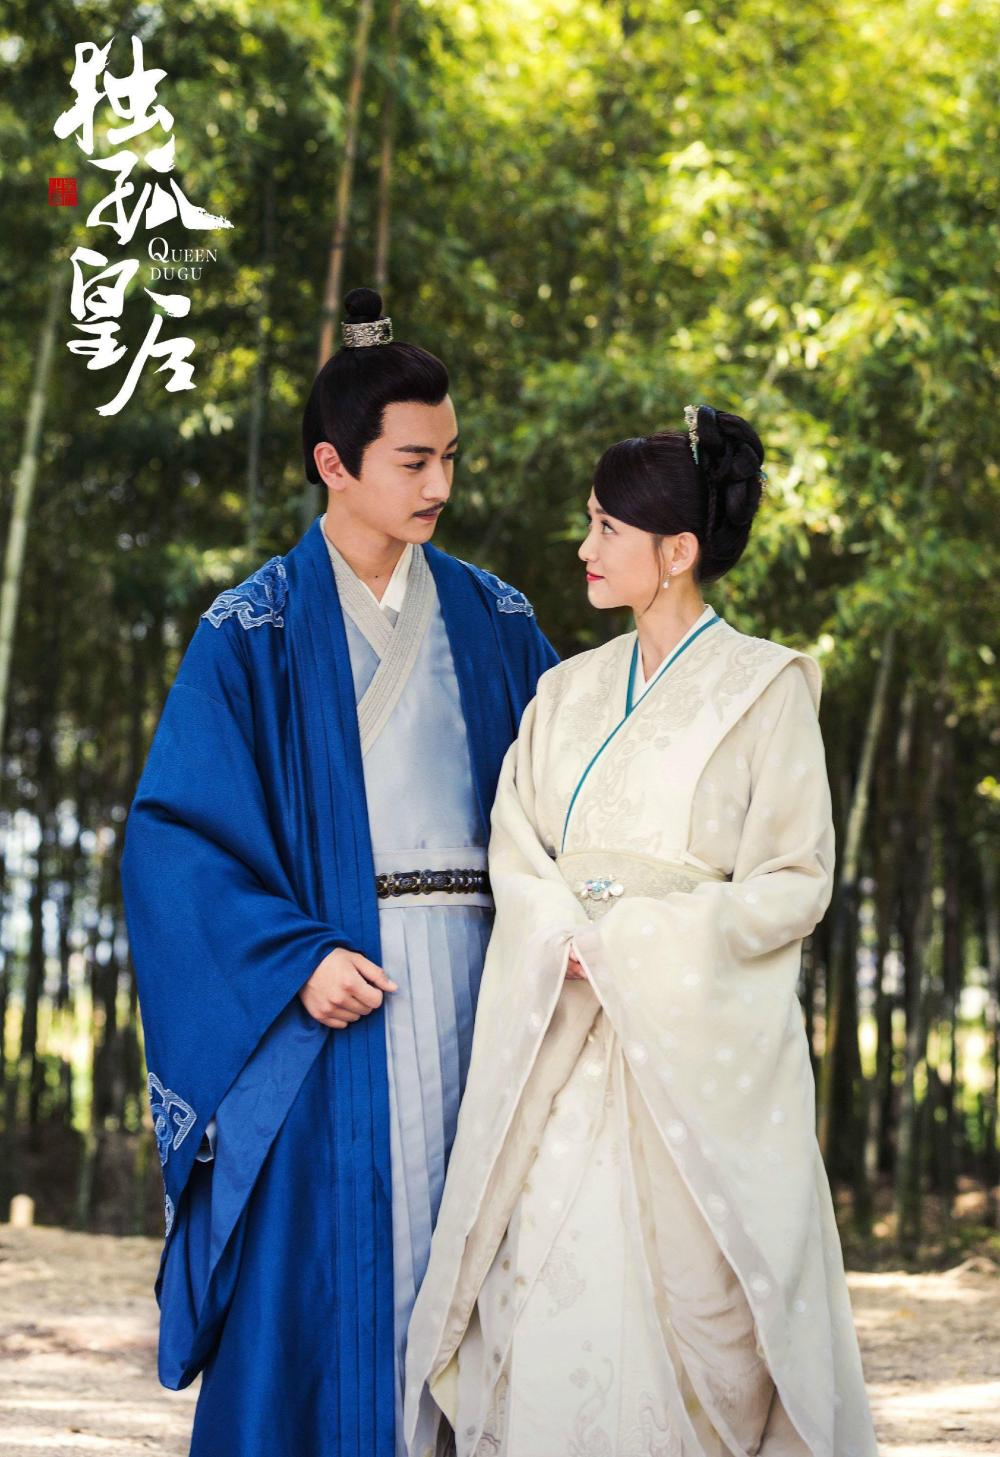 陈乔恩陈晓的 独孤皇后 定档年末播出, 湖南卫视未拿到版权